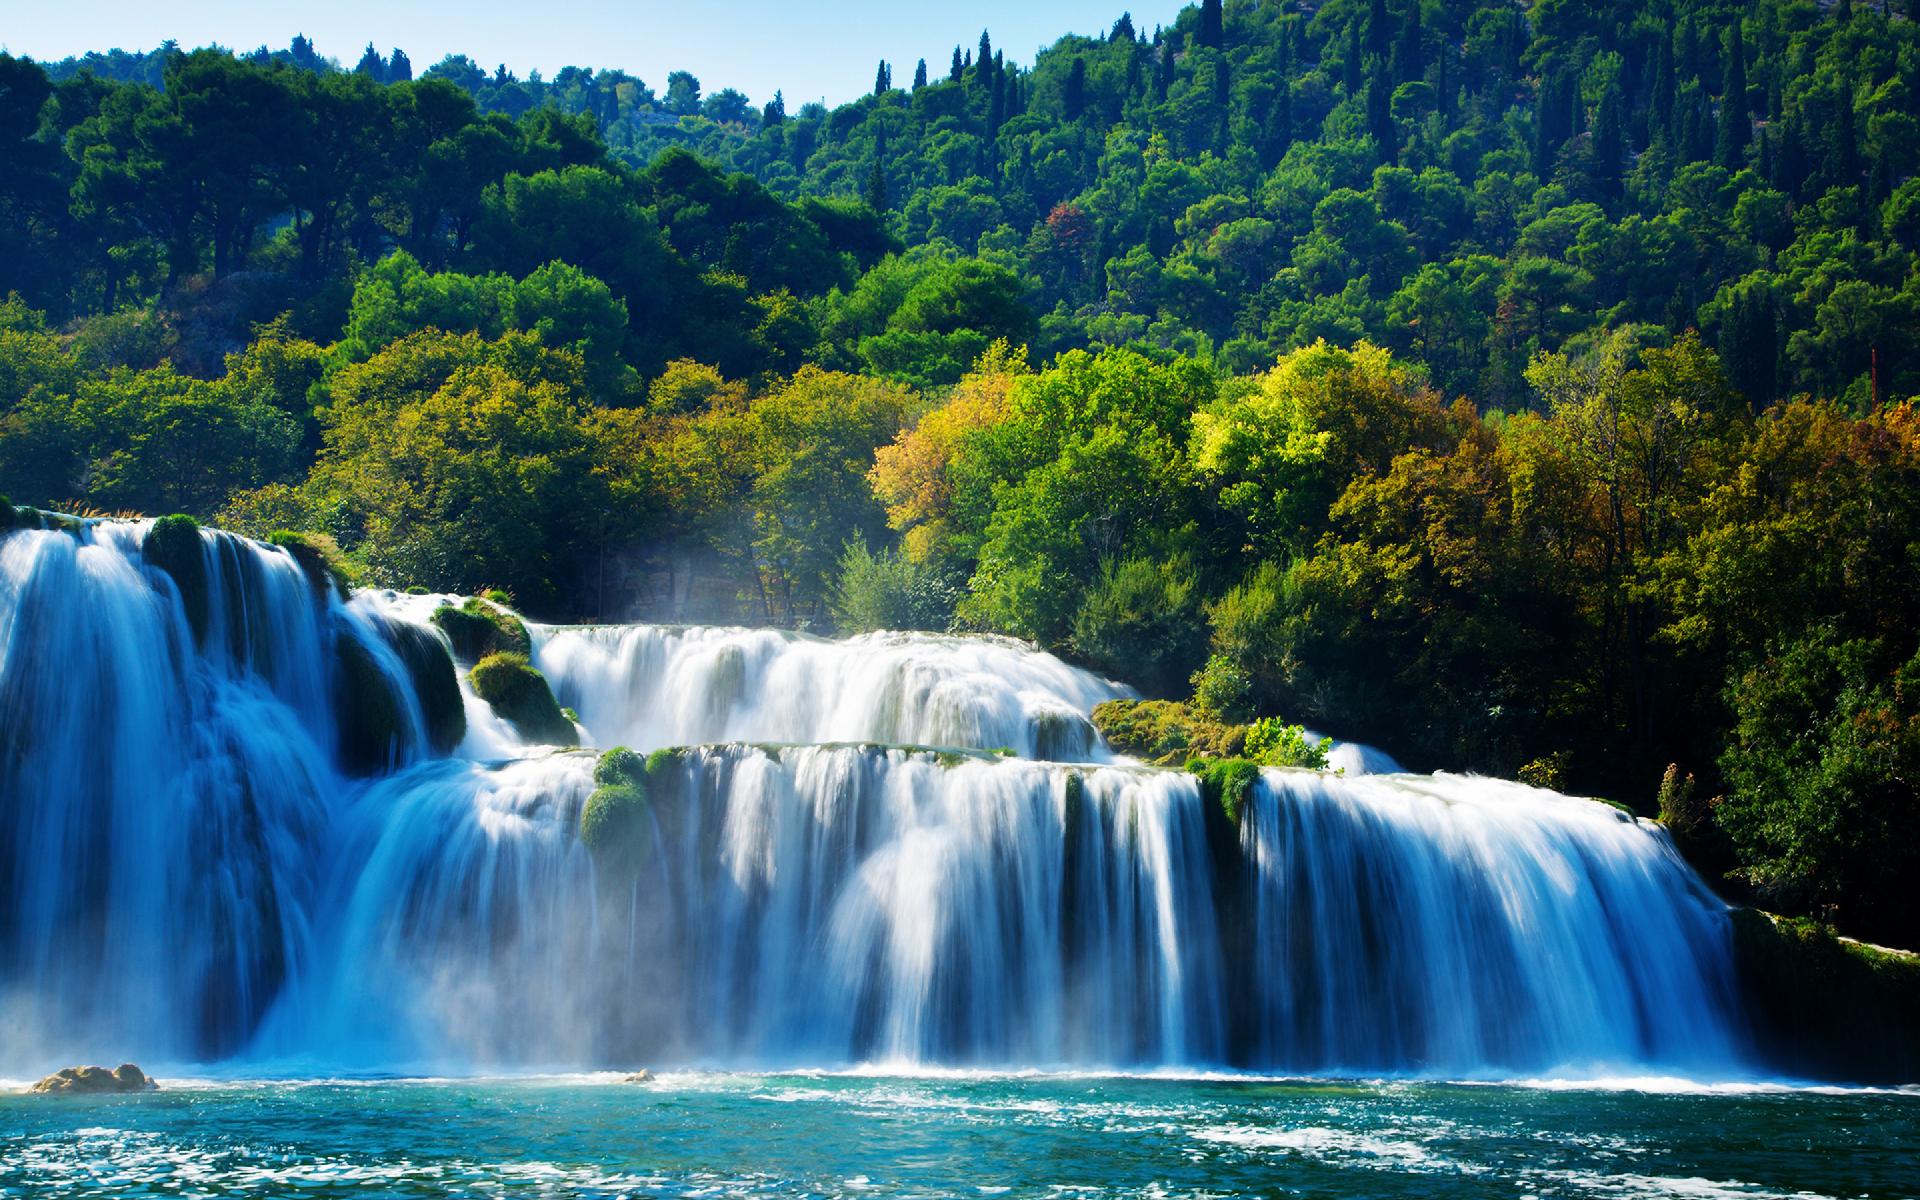 оформленная приемная водопады мира фото для рабочего стола такие